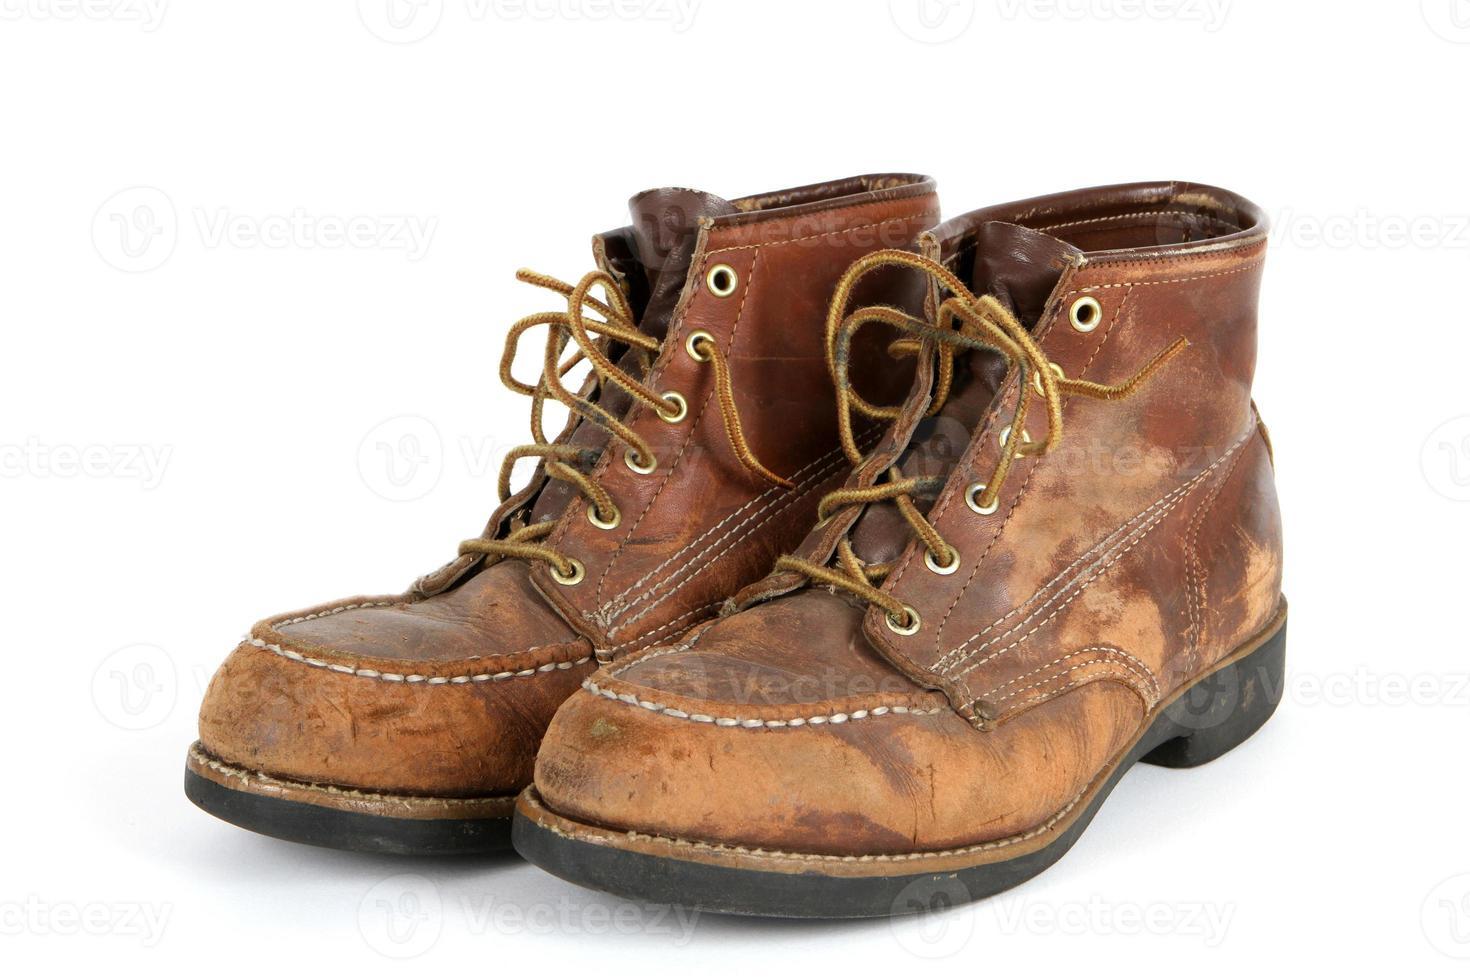 zapatos viejos con punta de acero foto